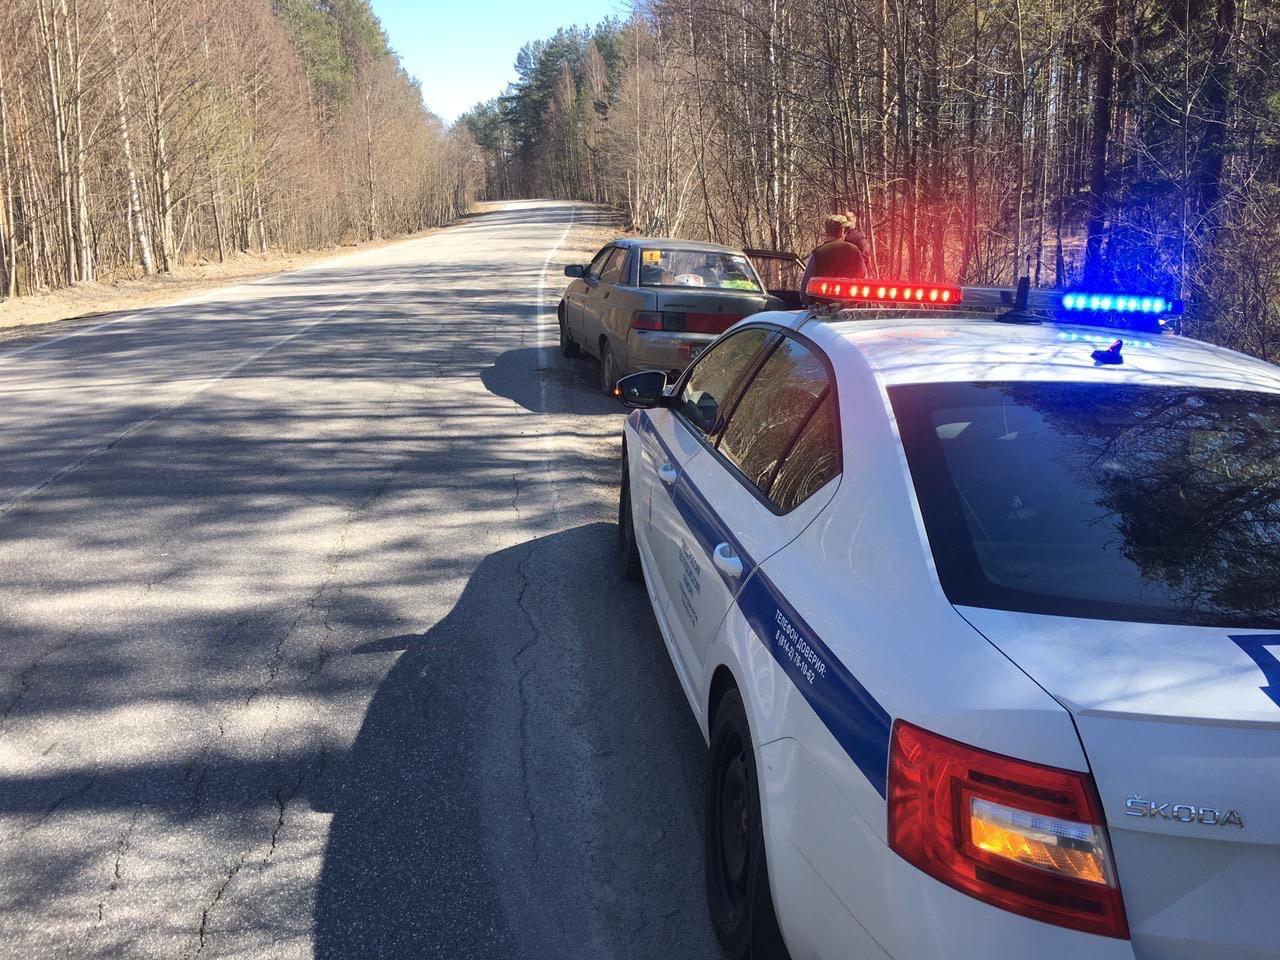 Пьяный водитель попался инспекторам на безлюдной трассе в Карелии